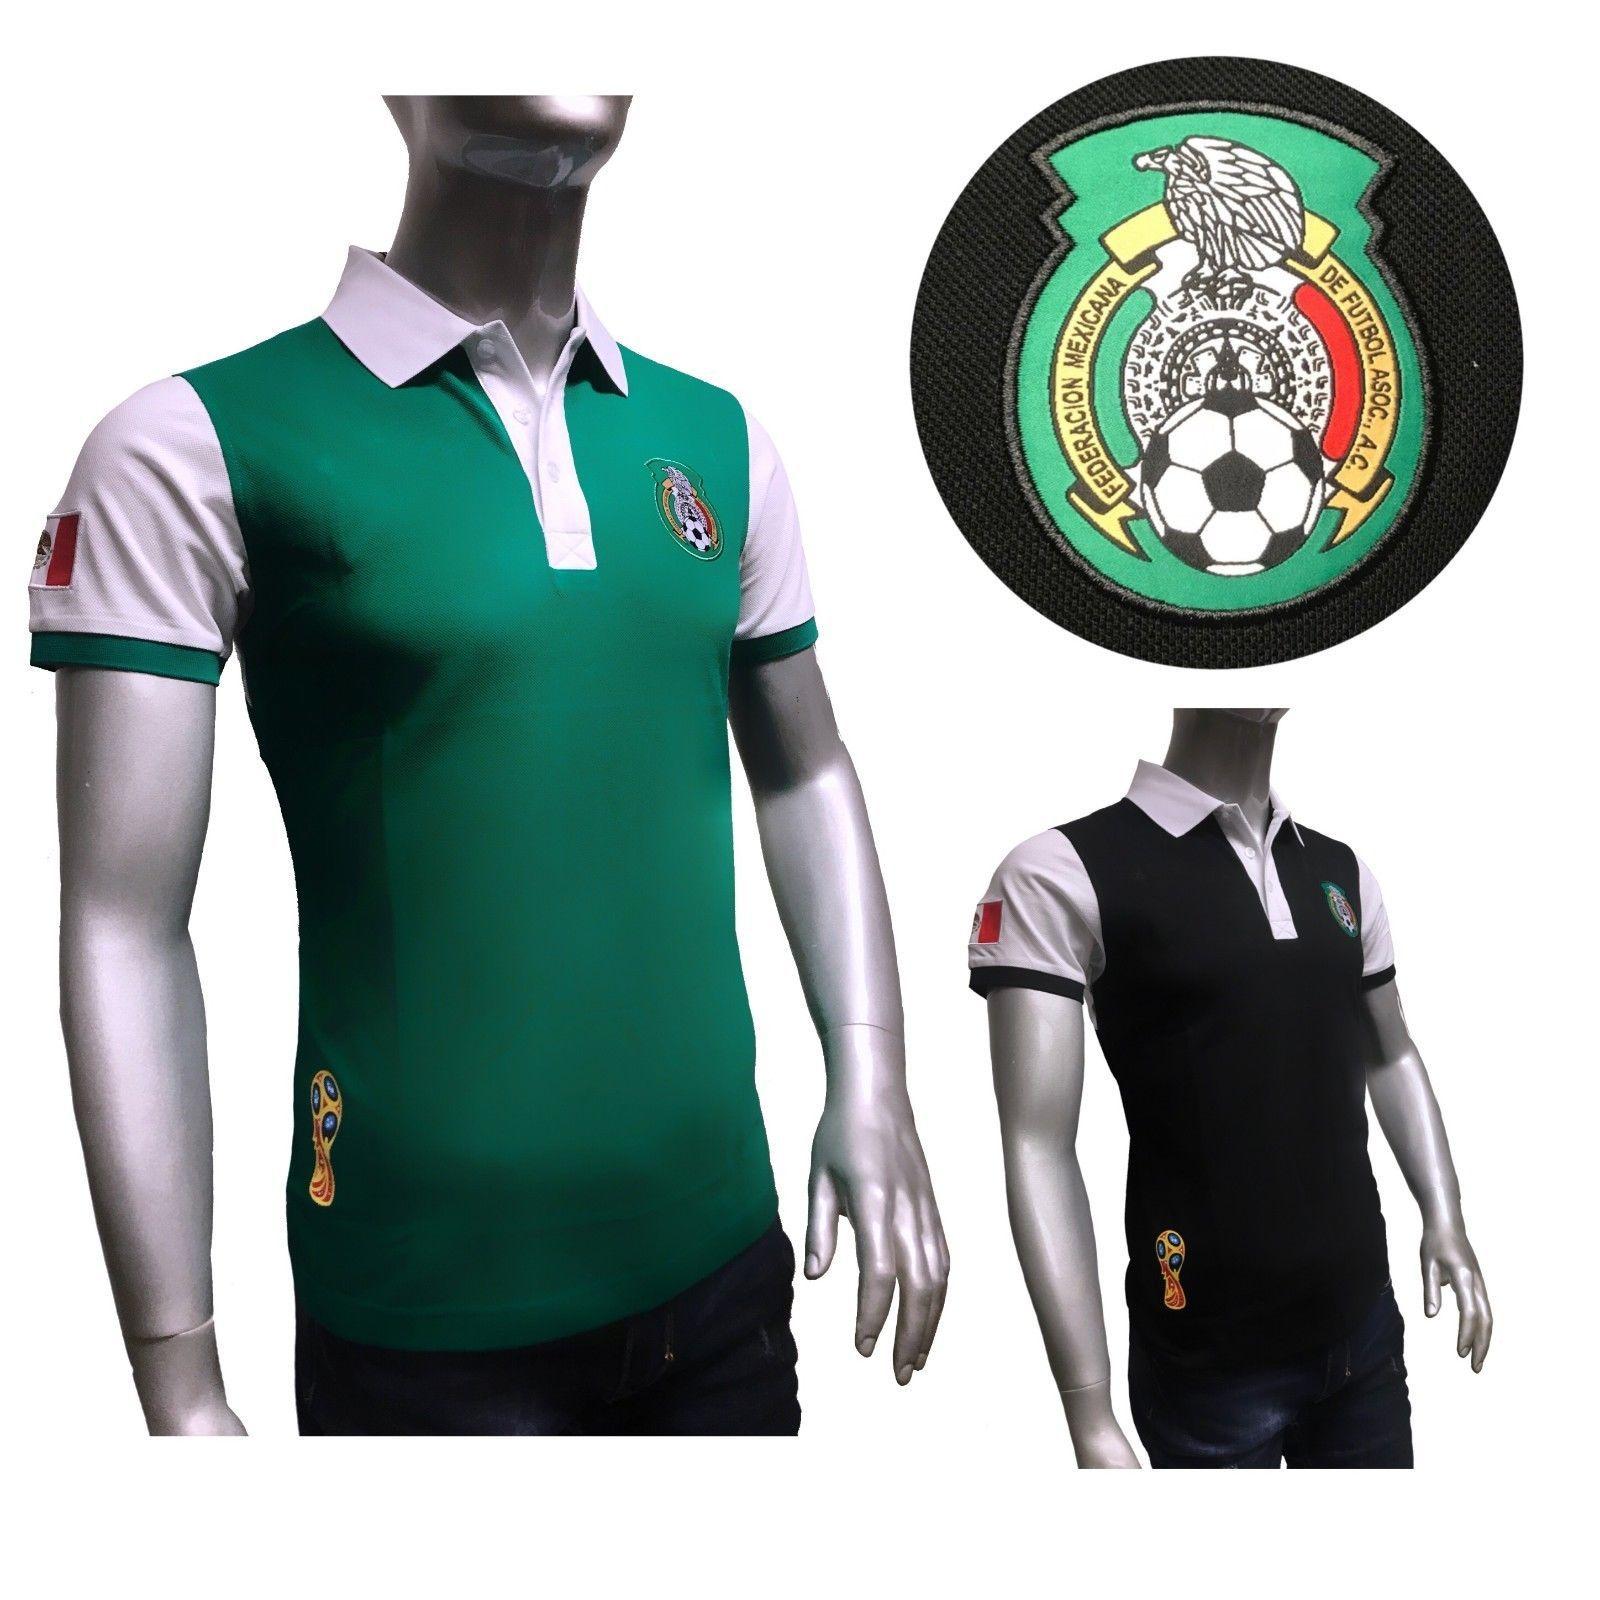 Mexico 2018 World Cup Soccer Jersey Green Mundial Rusia 2018 Polo